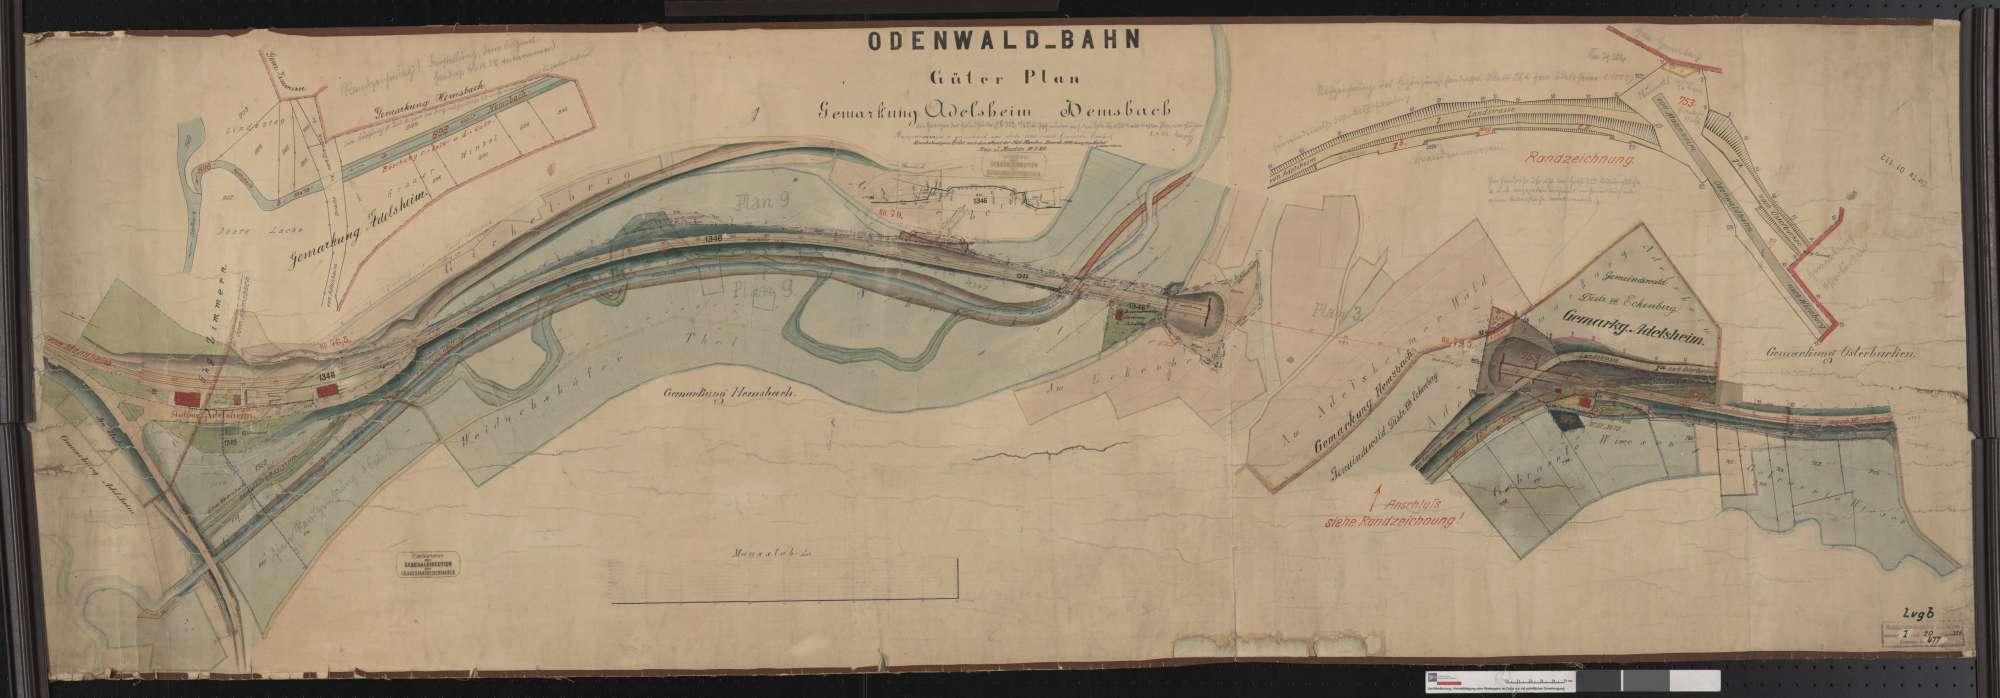 Güterplan der Odenwaldbahn: Gemarkung Adelsheim, Hemsbach Streckenausschnitt: 78,3 bis 79,9 km, Bild 1